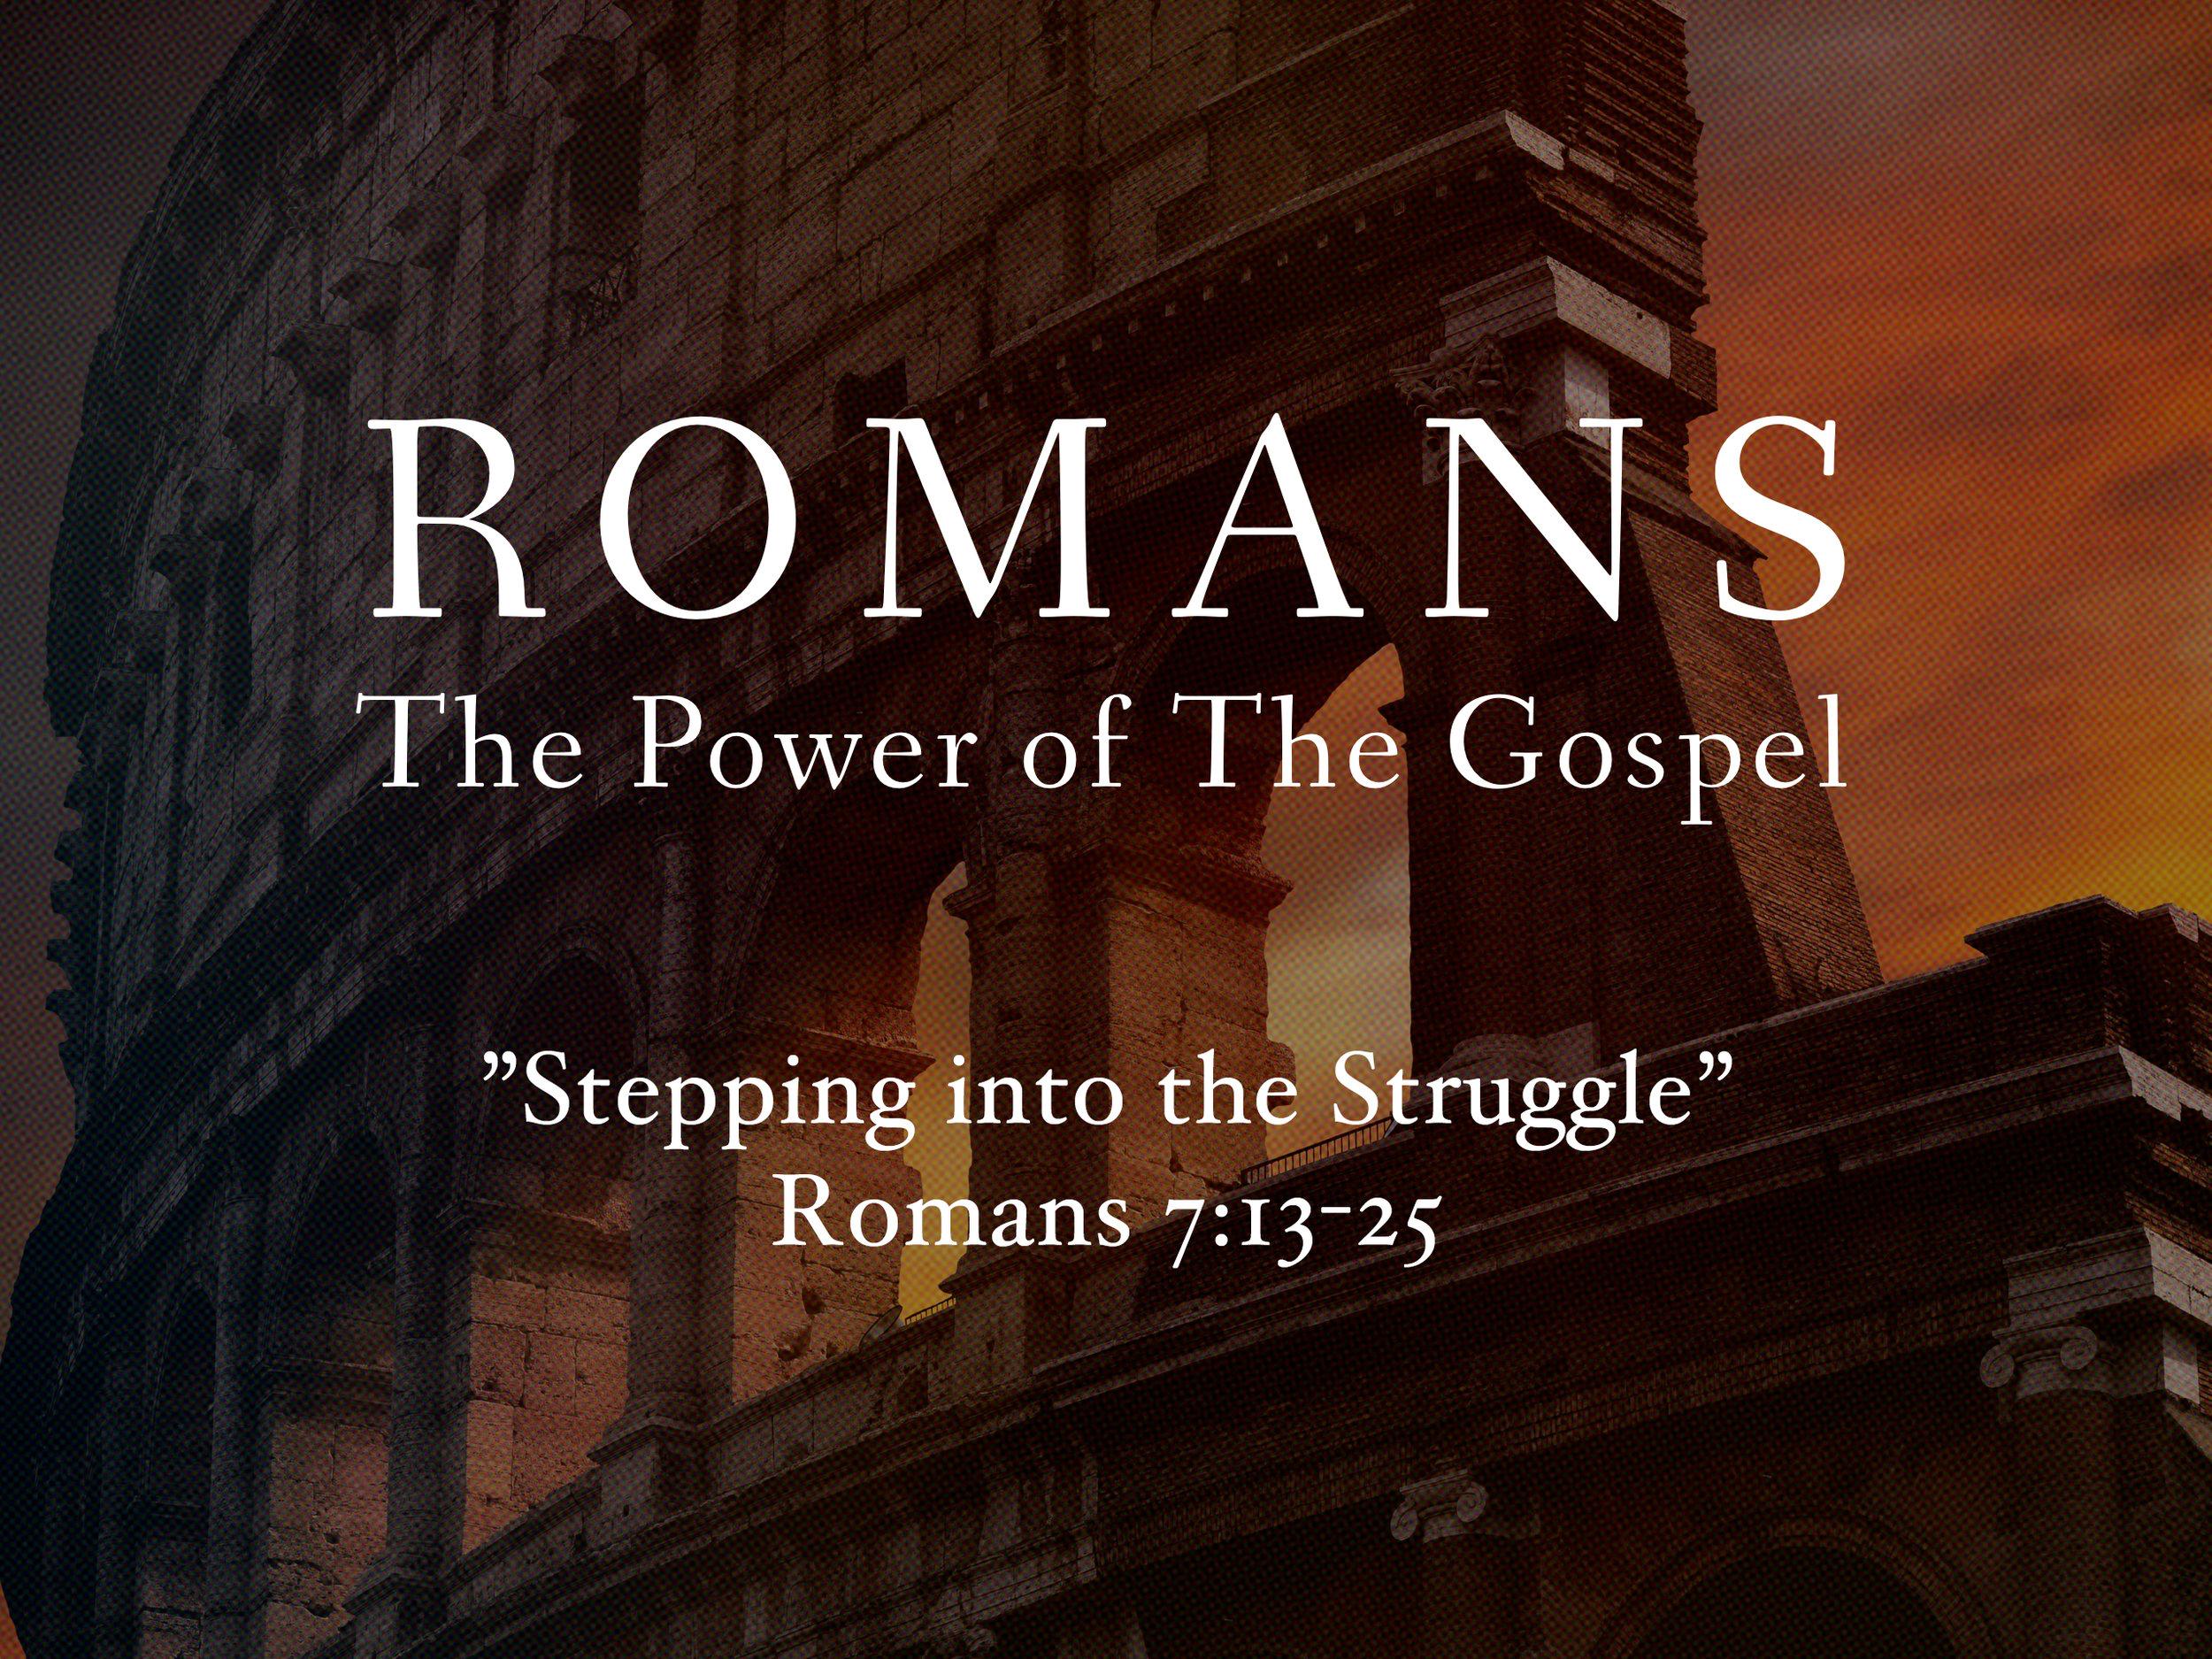 2018.06.24 Romans The Power of The Gospel Sermon Slide 6.jpg